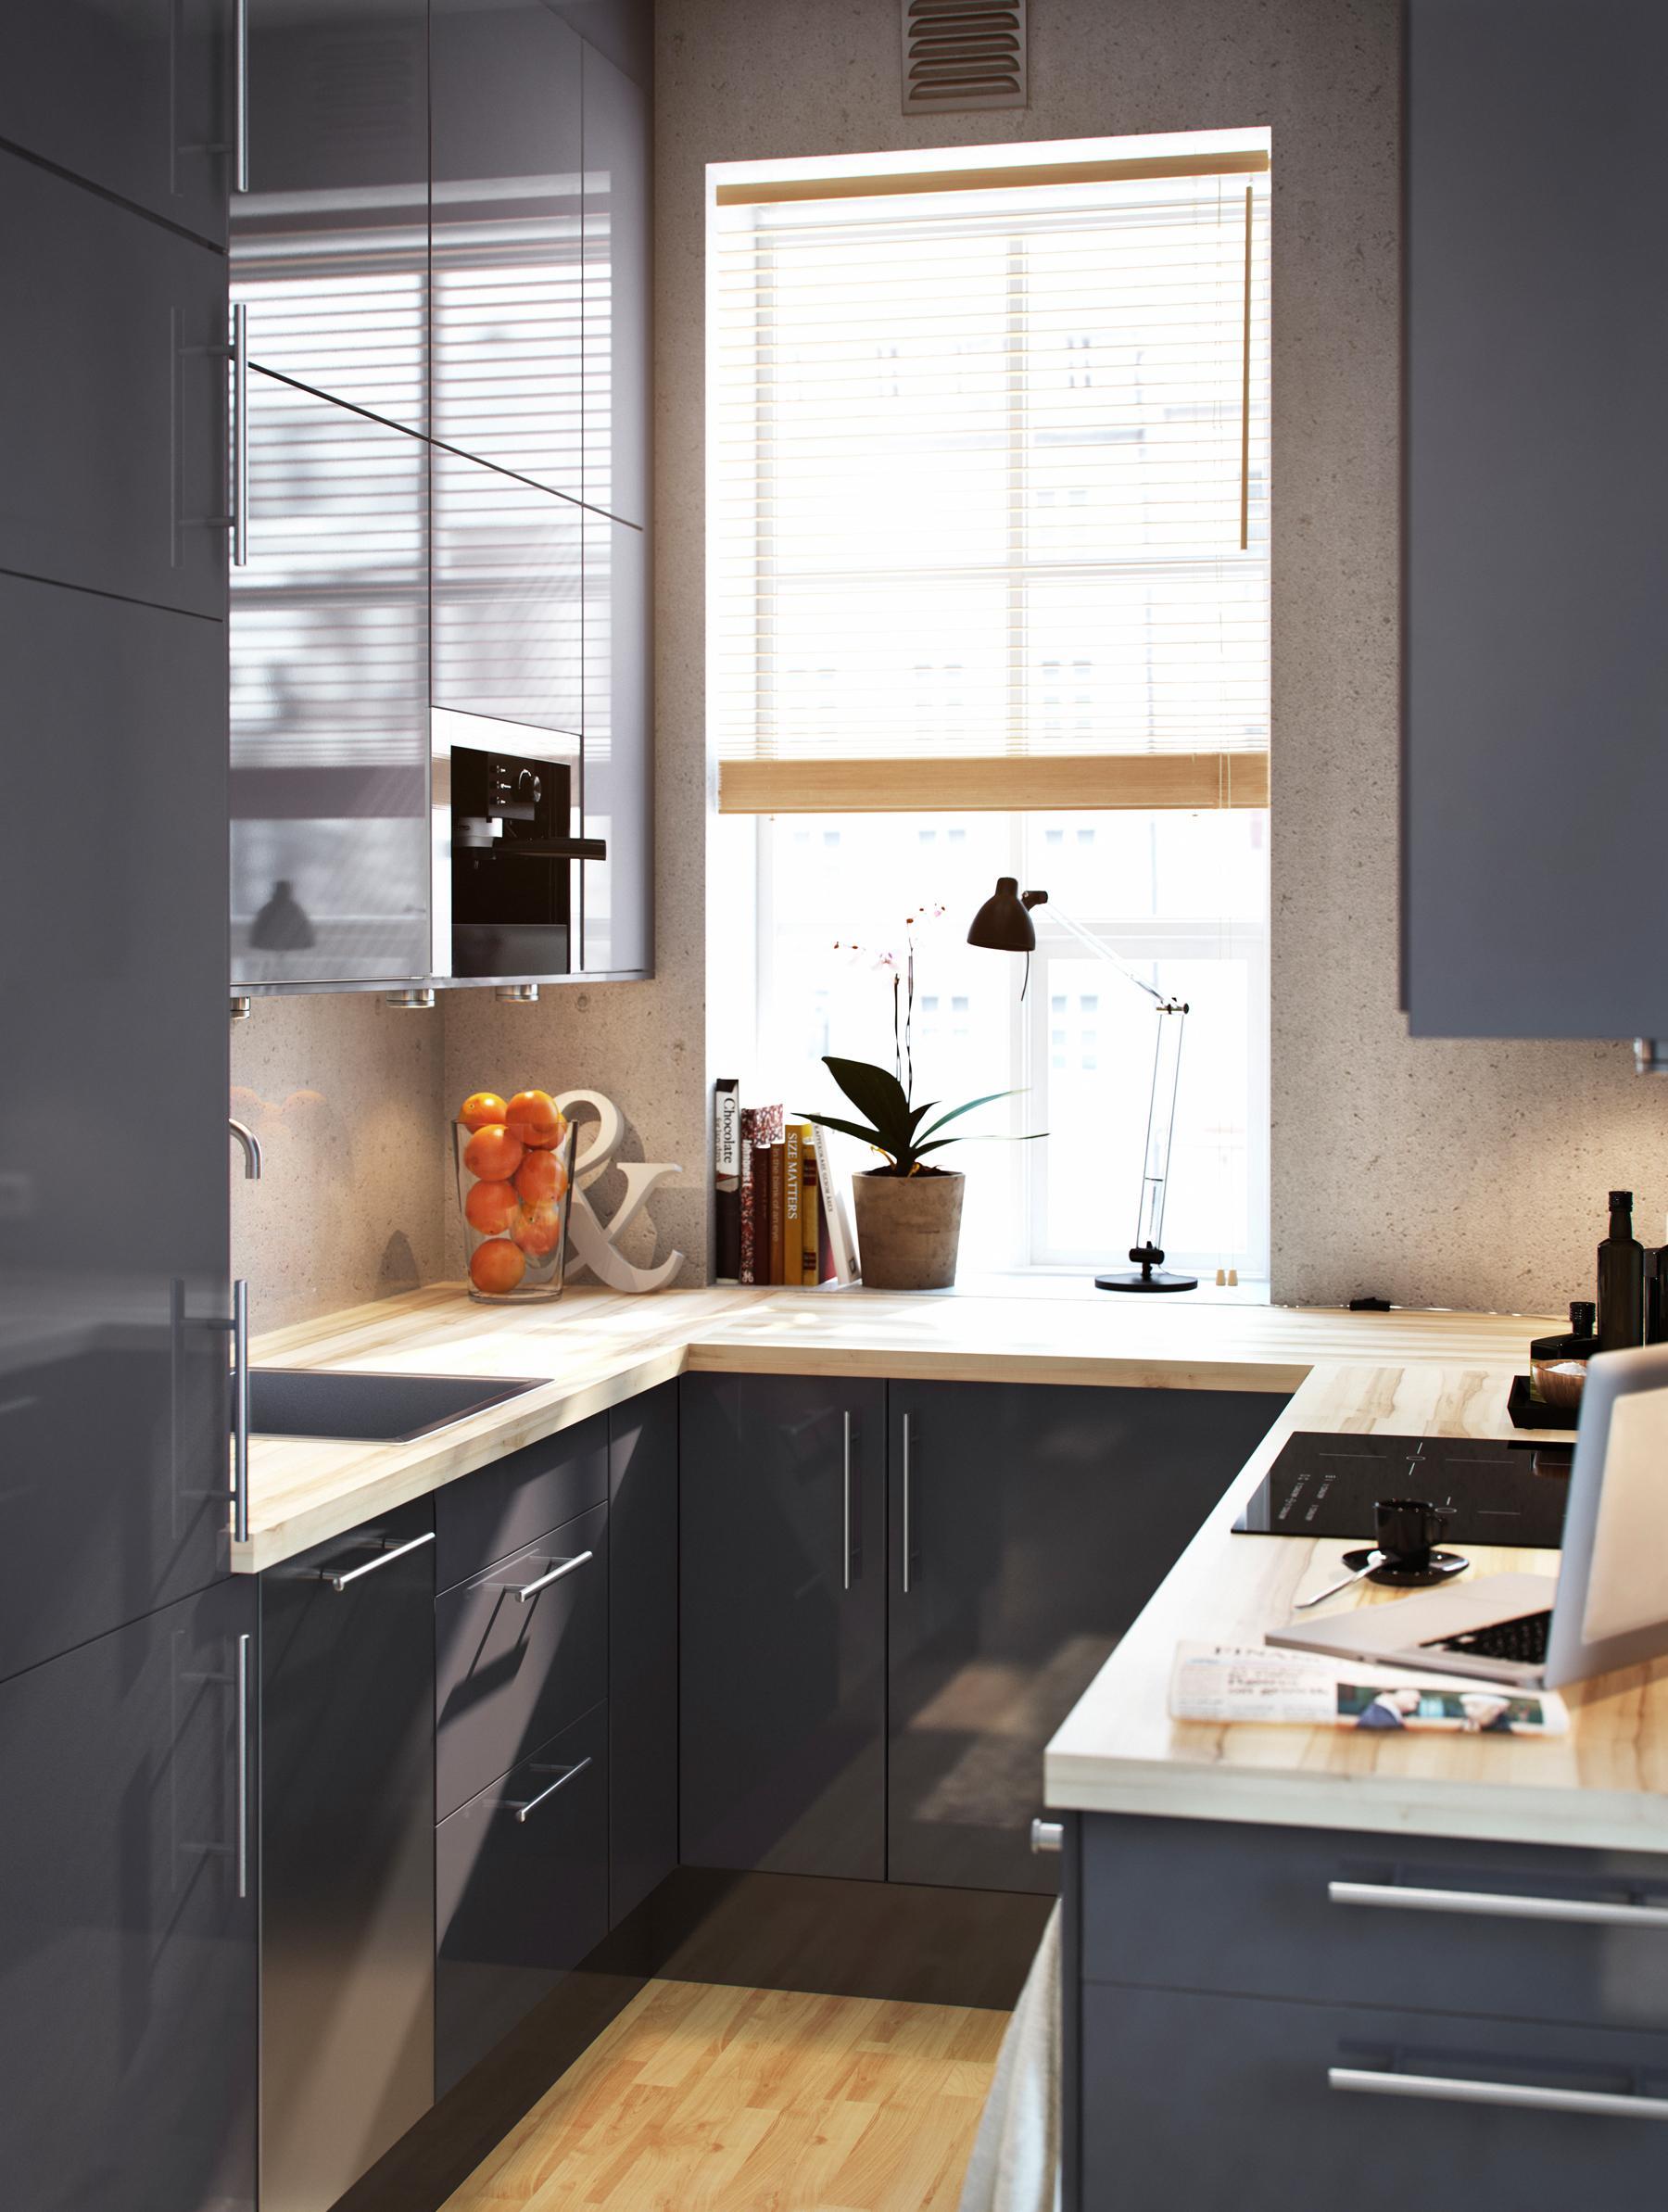 Full Size of Praktische Einbaukche In Grauer Glanzoptik Ikea S Miniküche Sofa Mit Schlaffunktion Betten Bei Singleküche Kühlschrank Küche Kosten Modulküche E Geräten Wohnzimmer Ikea Singleküche